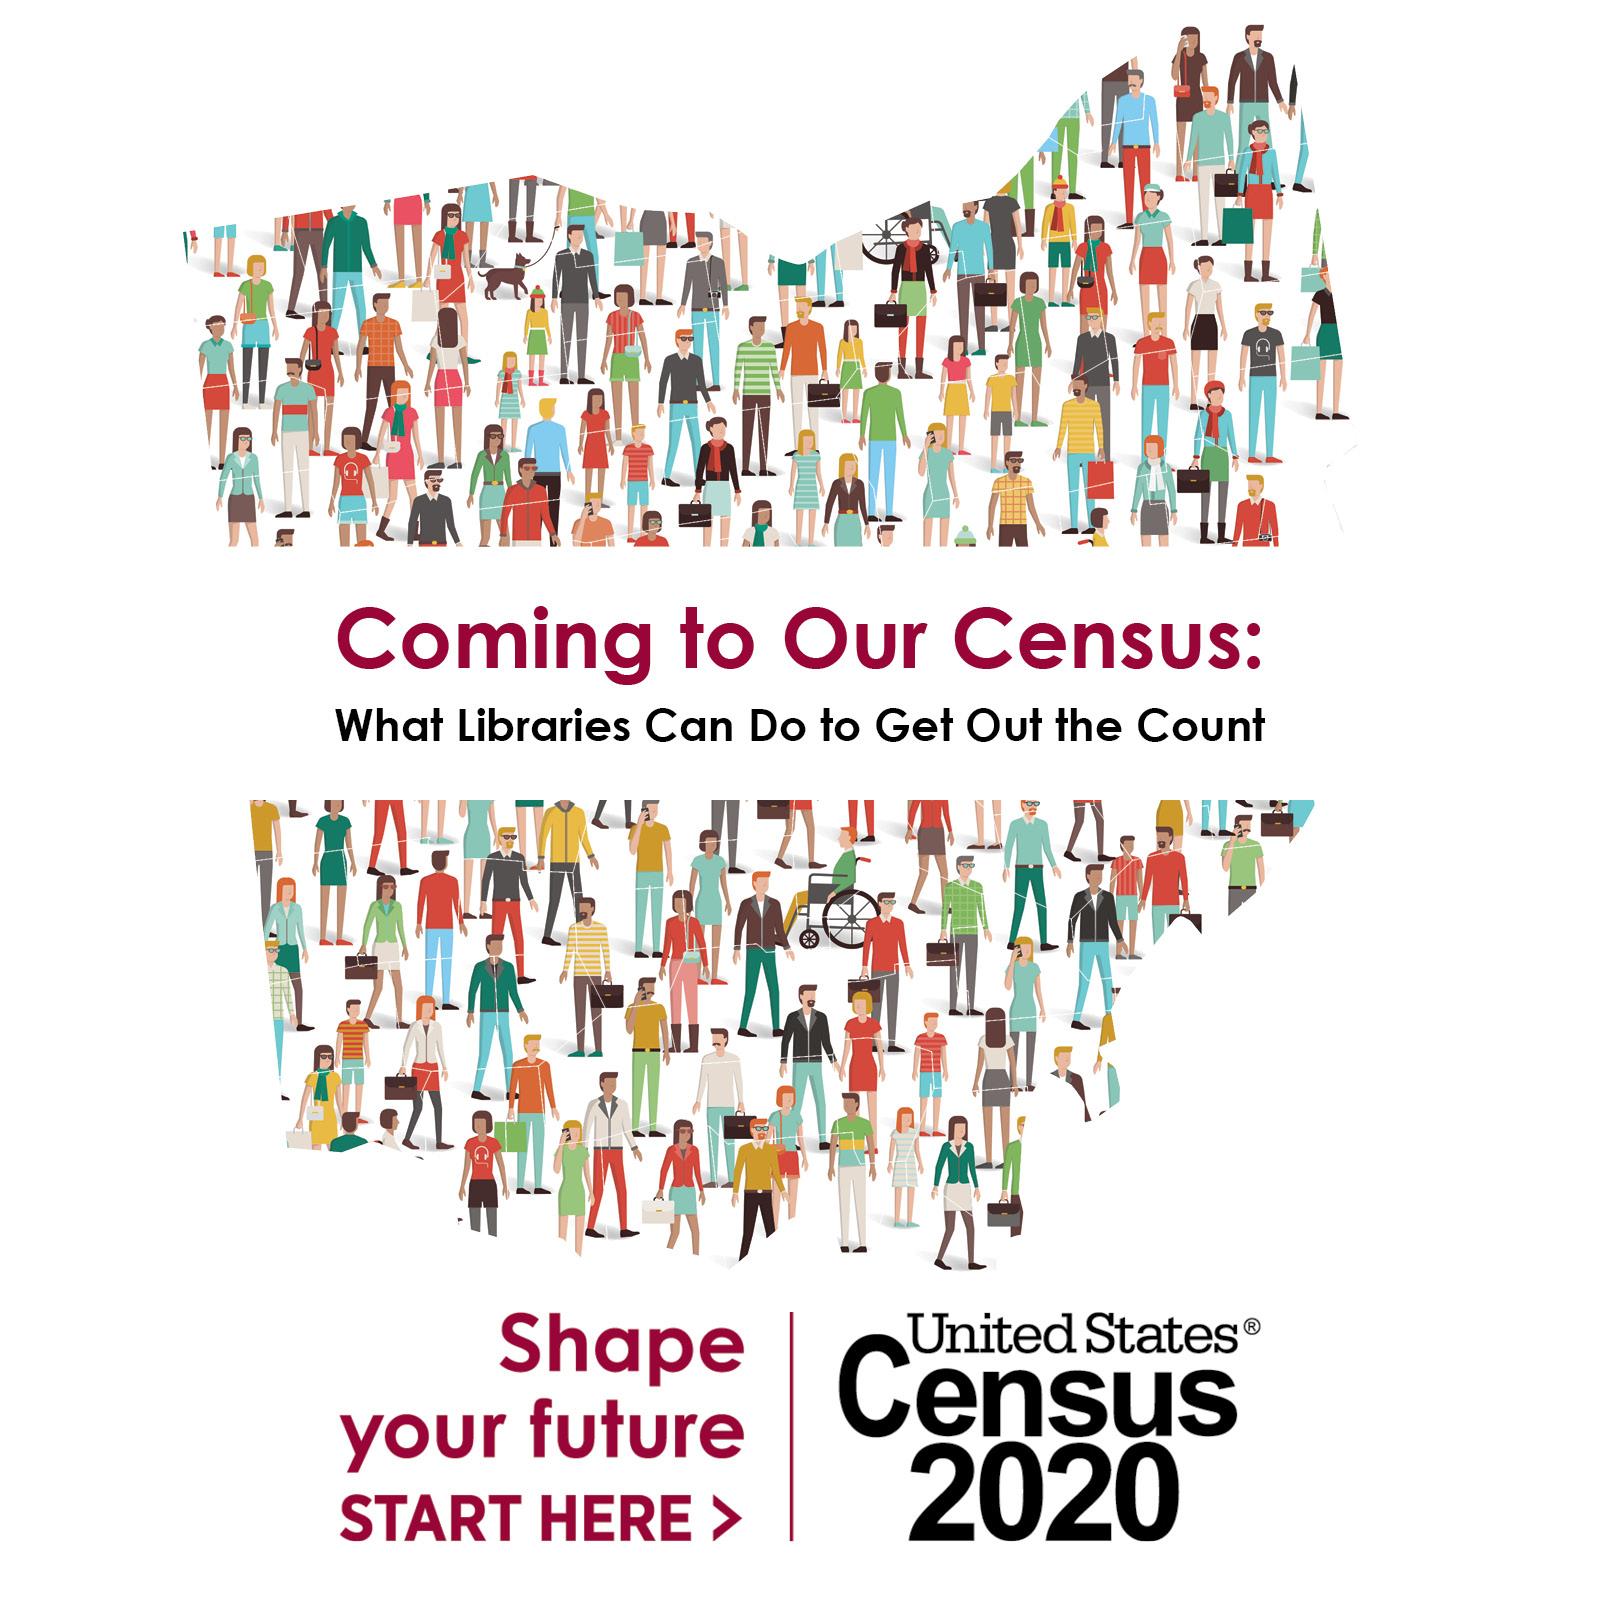 ComingToOurCensus-Census2020